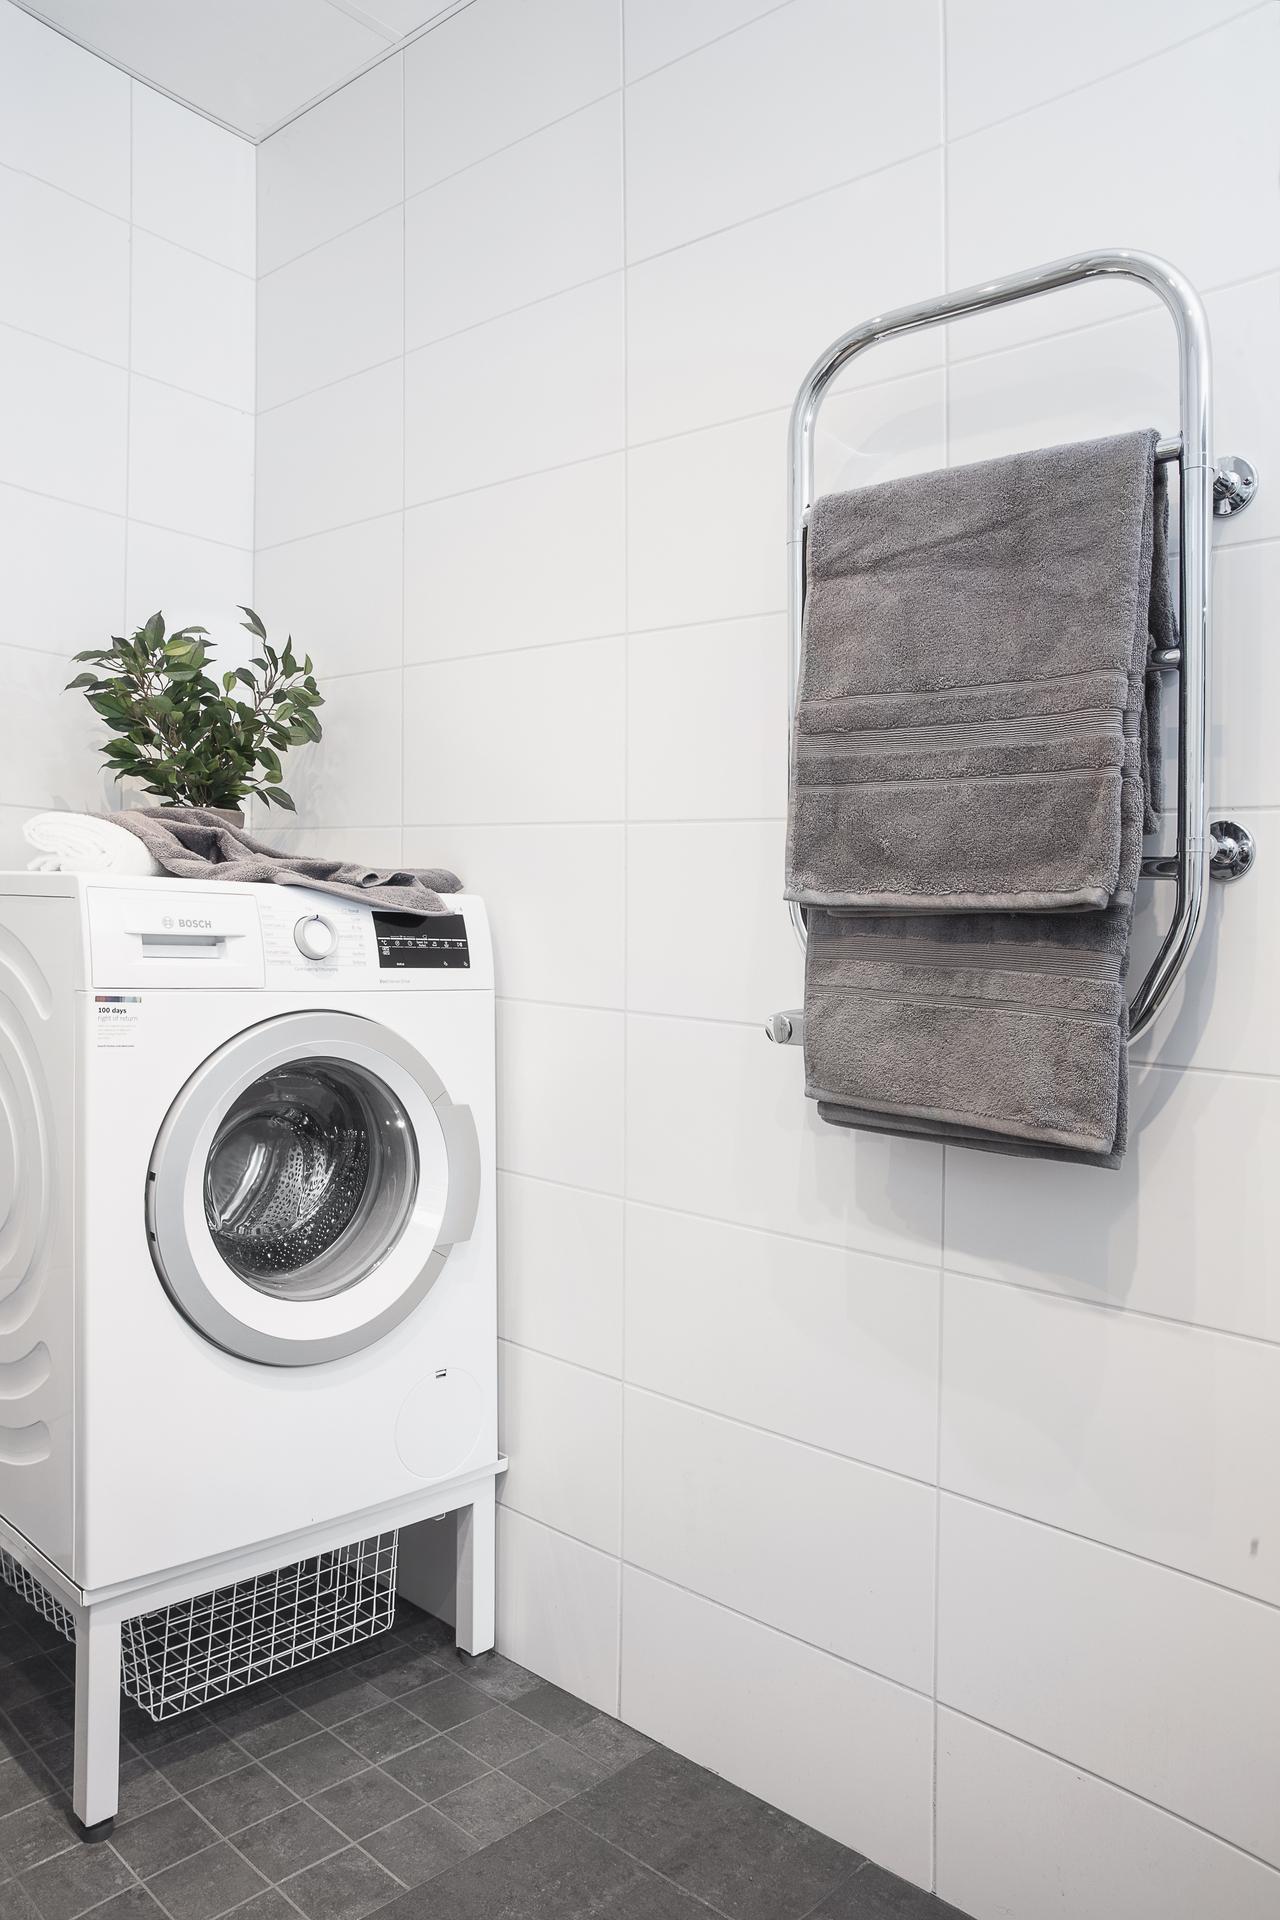 Samt avdelning med tvättmaskin